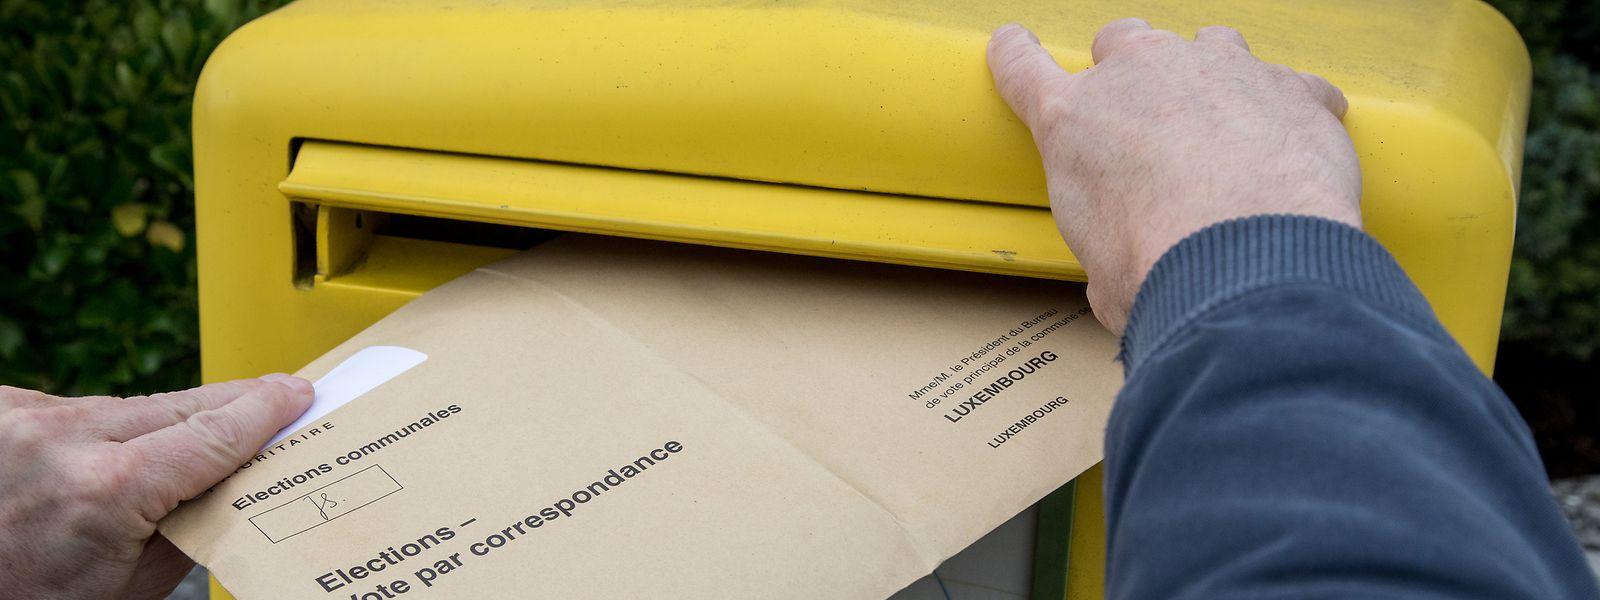 Seit den Legislaturwahlen 2018 kann jeder Wahlberechtigte per Briefwahl seine Stimmen vergeben.